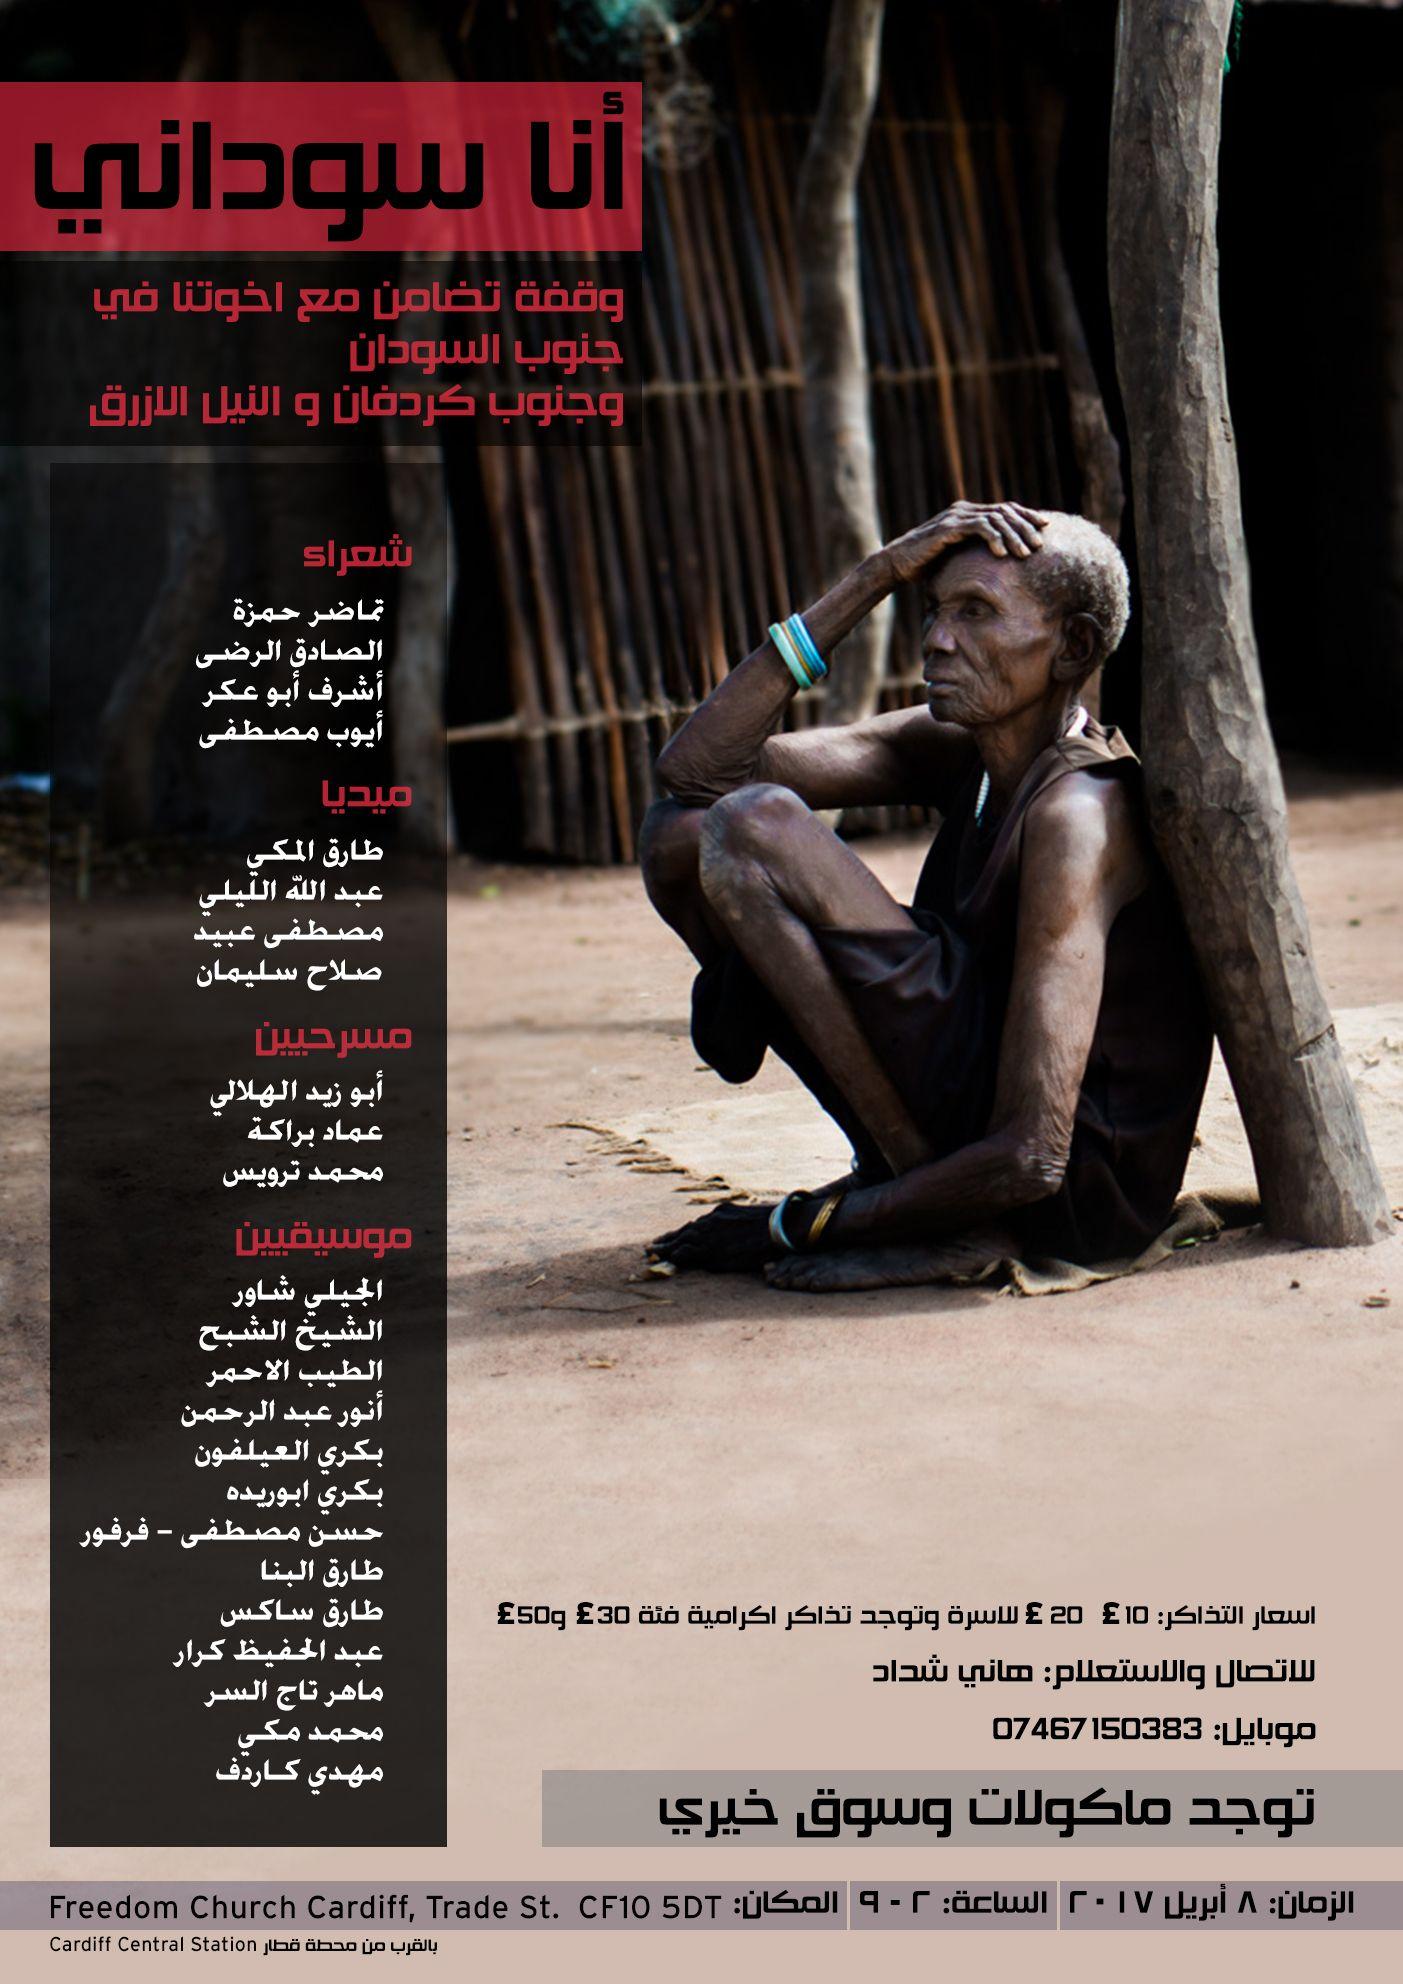 نداء السودان من مدينة كارديف في بريطانيا..وقفة عاجلة لانقاذ ضحايا المجاعة